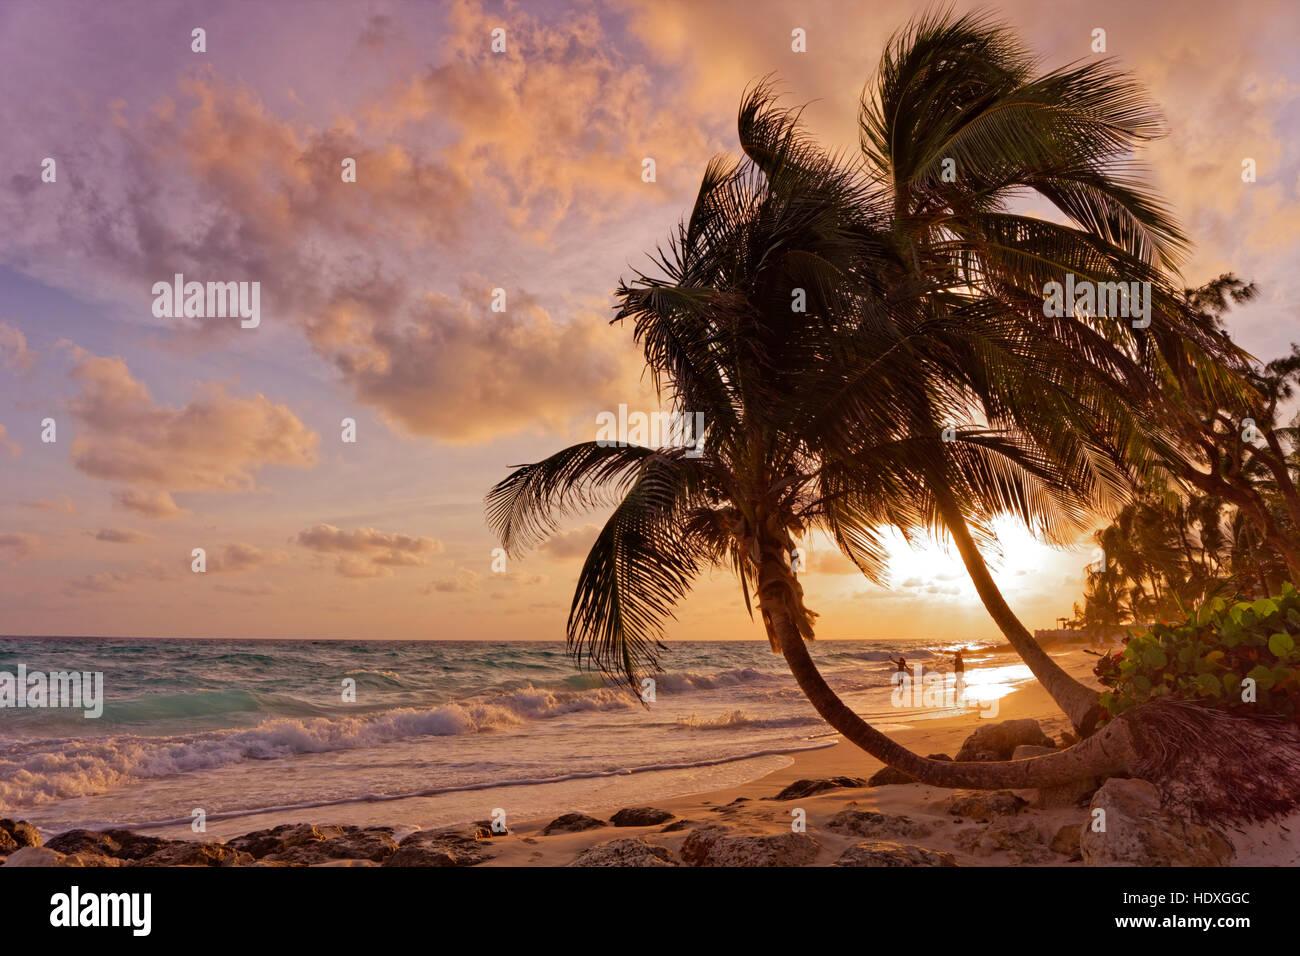 Atardecer en la playa de Dover, St. Lawrence Gap, South Coast, Barbados, Caribe. Imagen De Stock